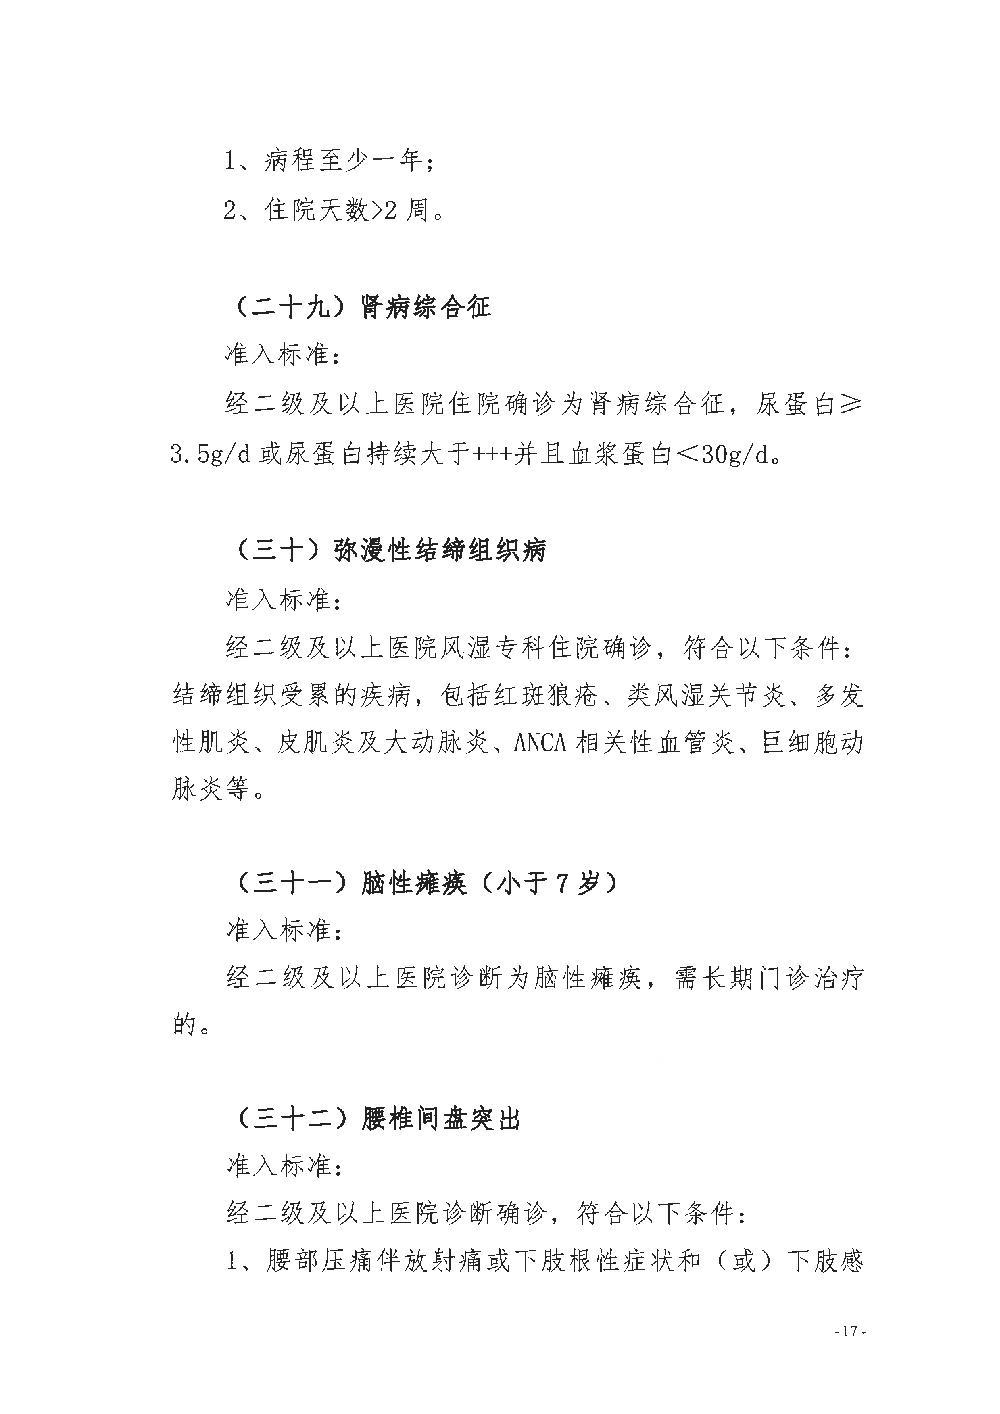 阜阳市城乡居民慢性病管理办法(1)_17.JPG